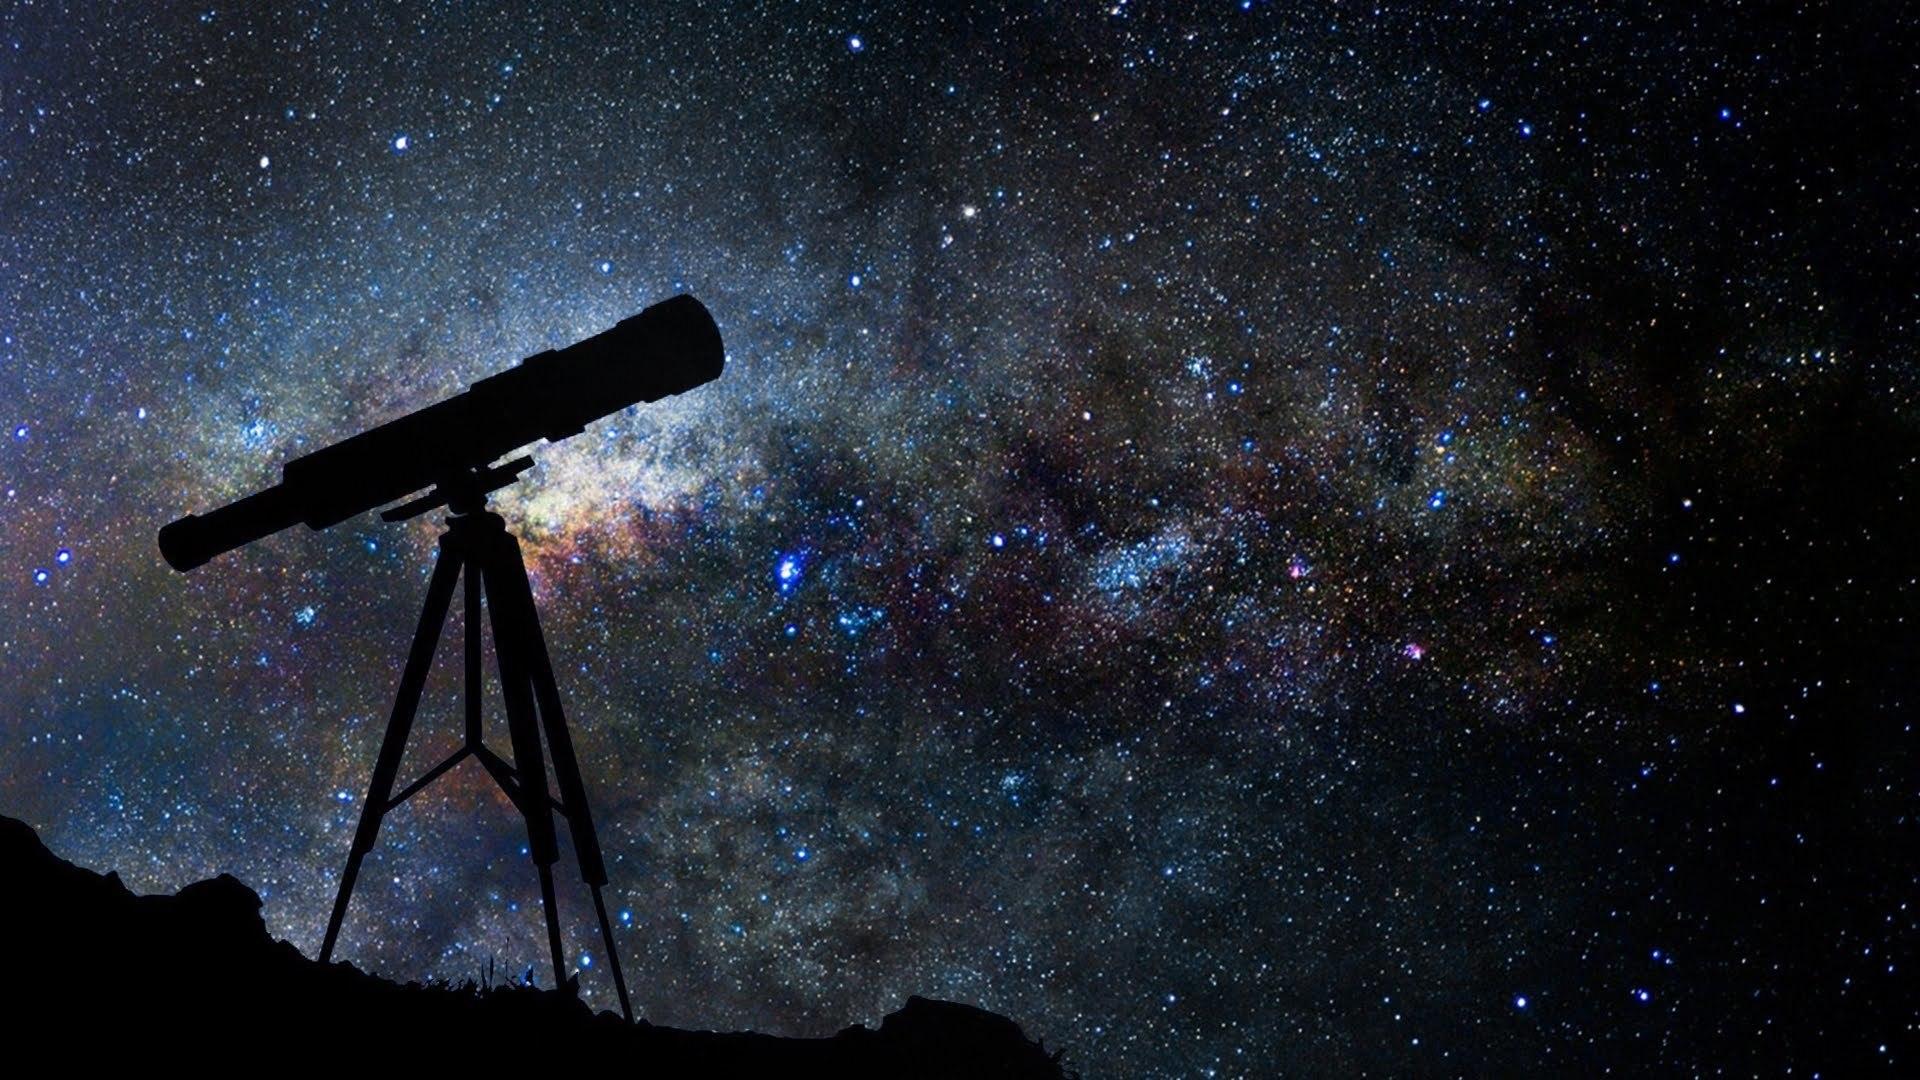 www astronomy.com - photo #46